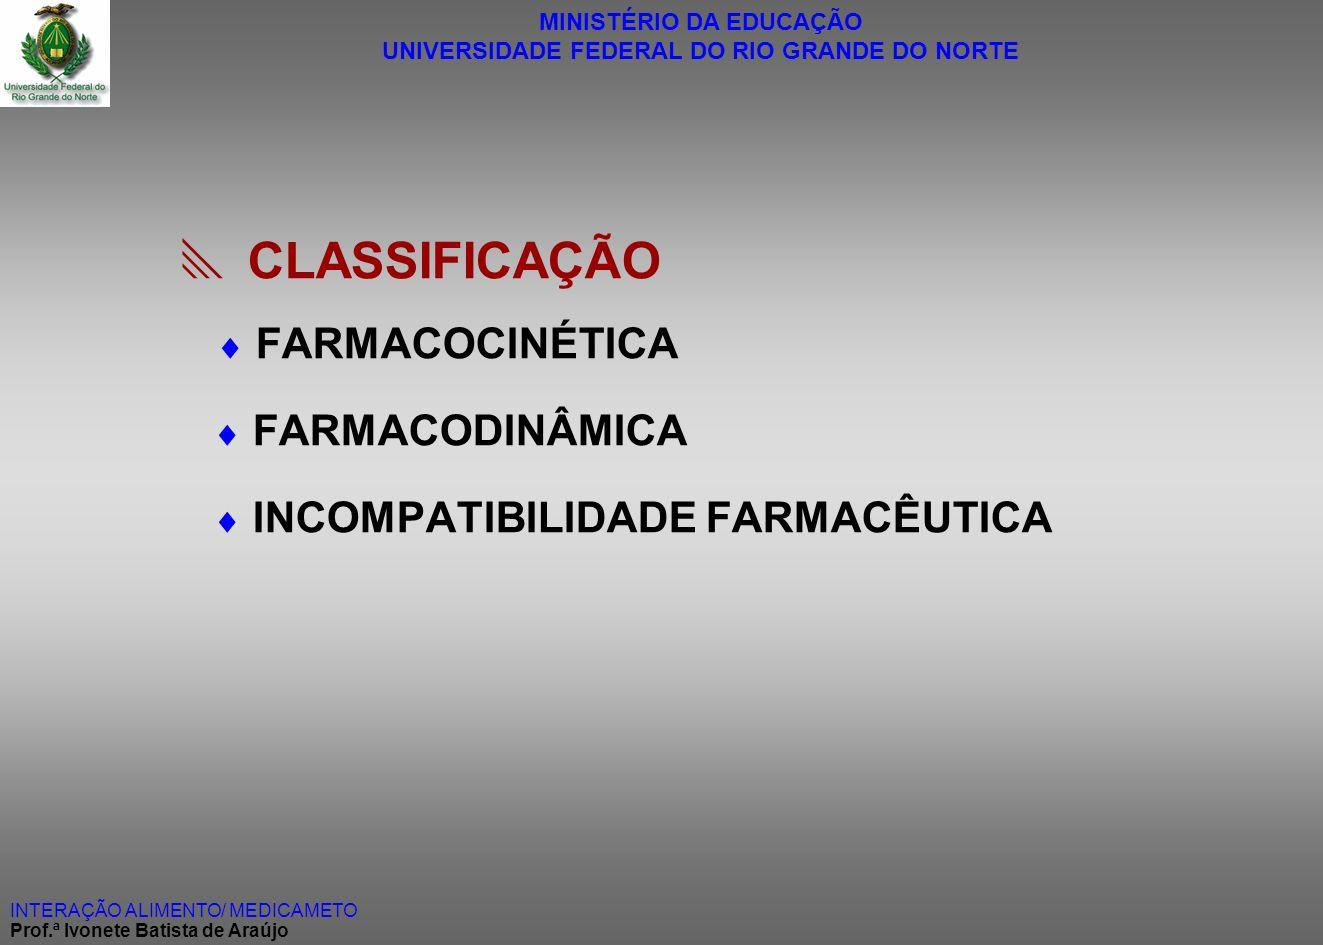  CLASSIFICAÇÃO  FARMACODINÂMICA  INCOMPATIBILIDADE FARMACÊUTICA